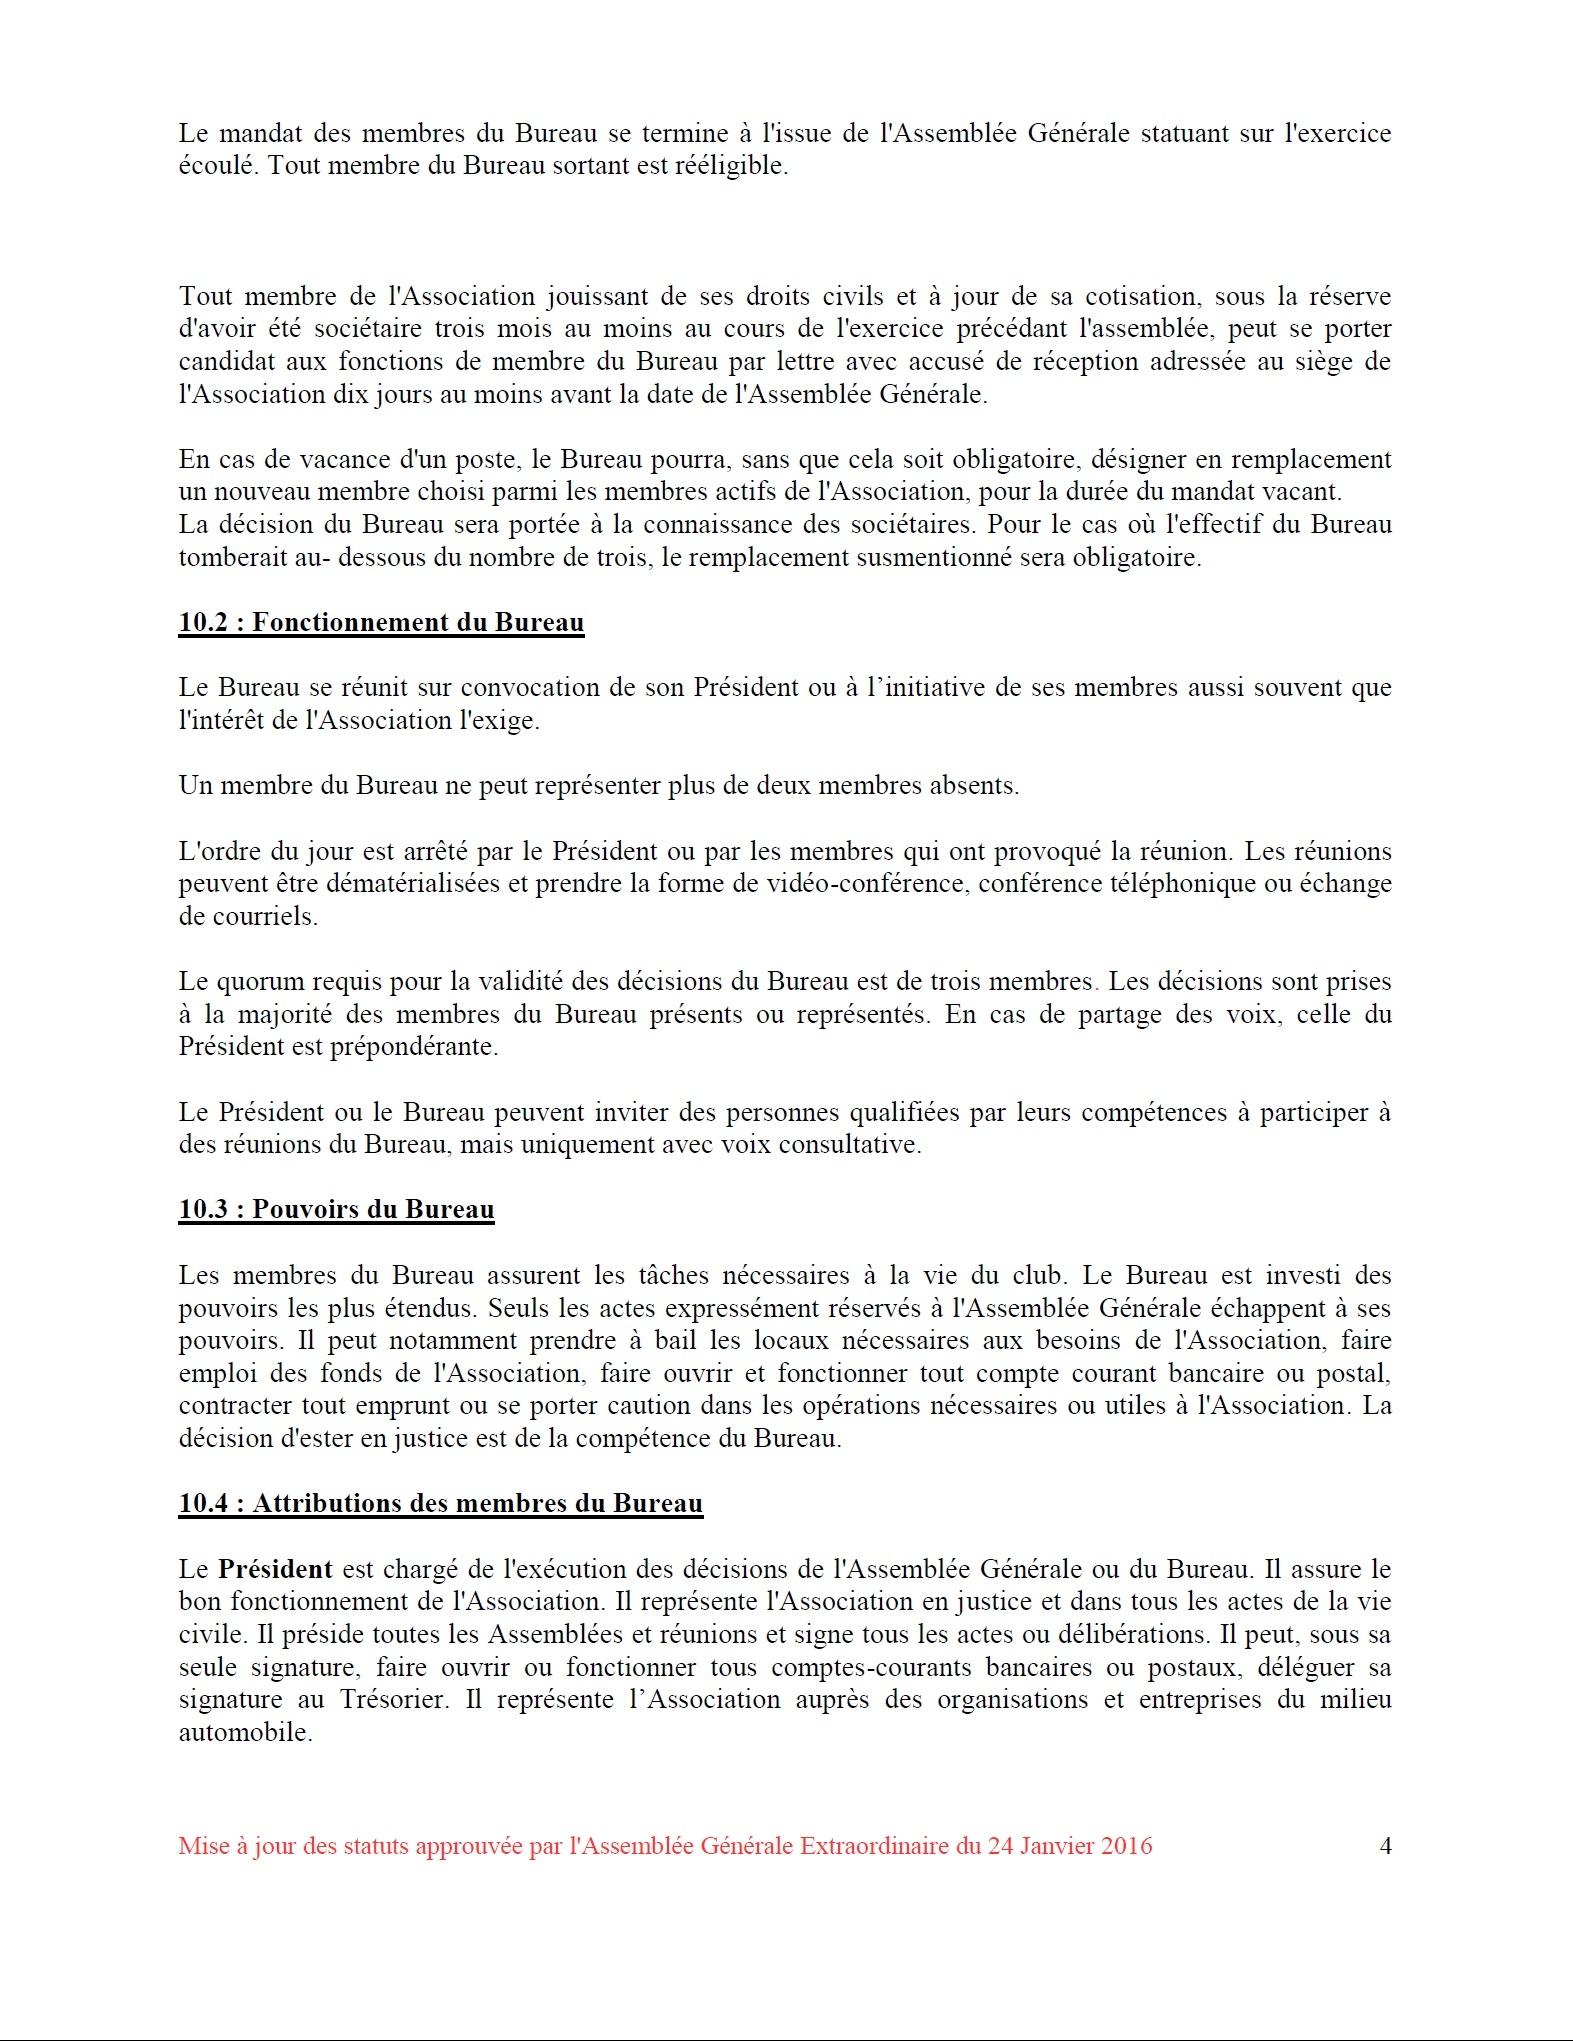 Statuts de l'association 15163705412050391773